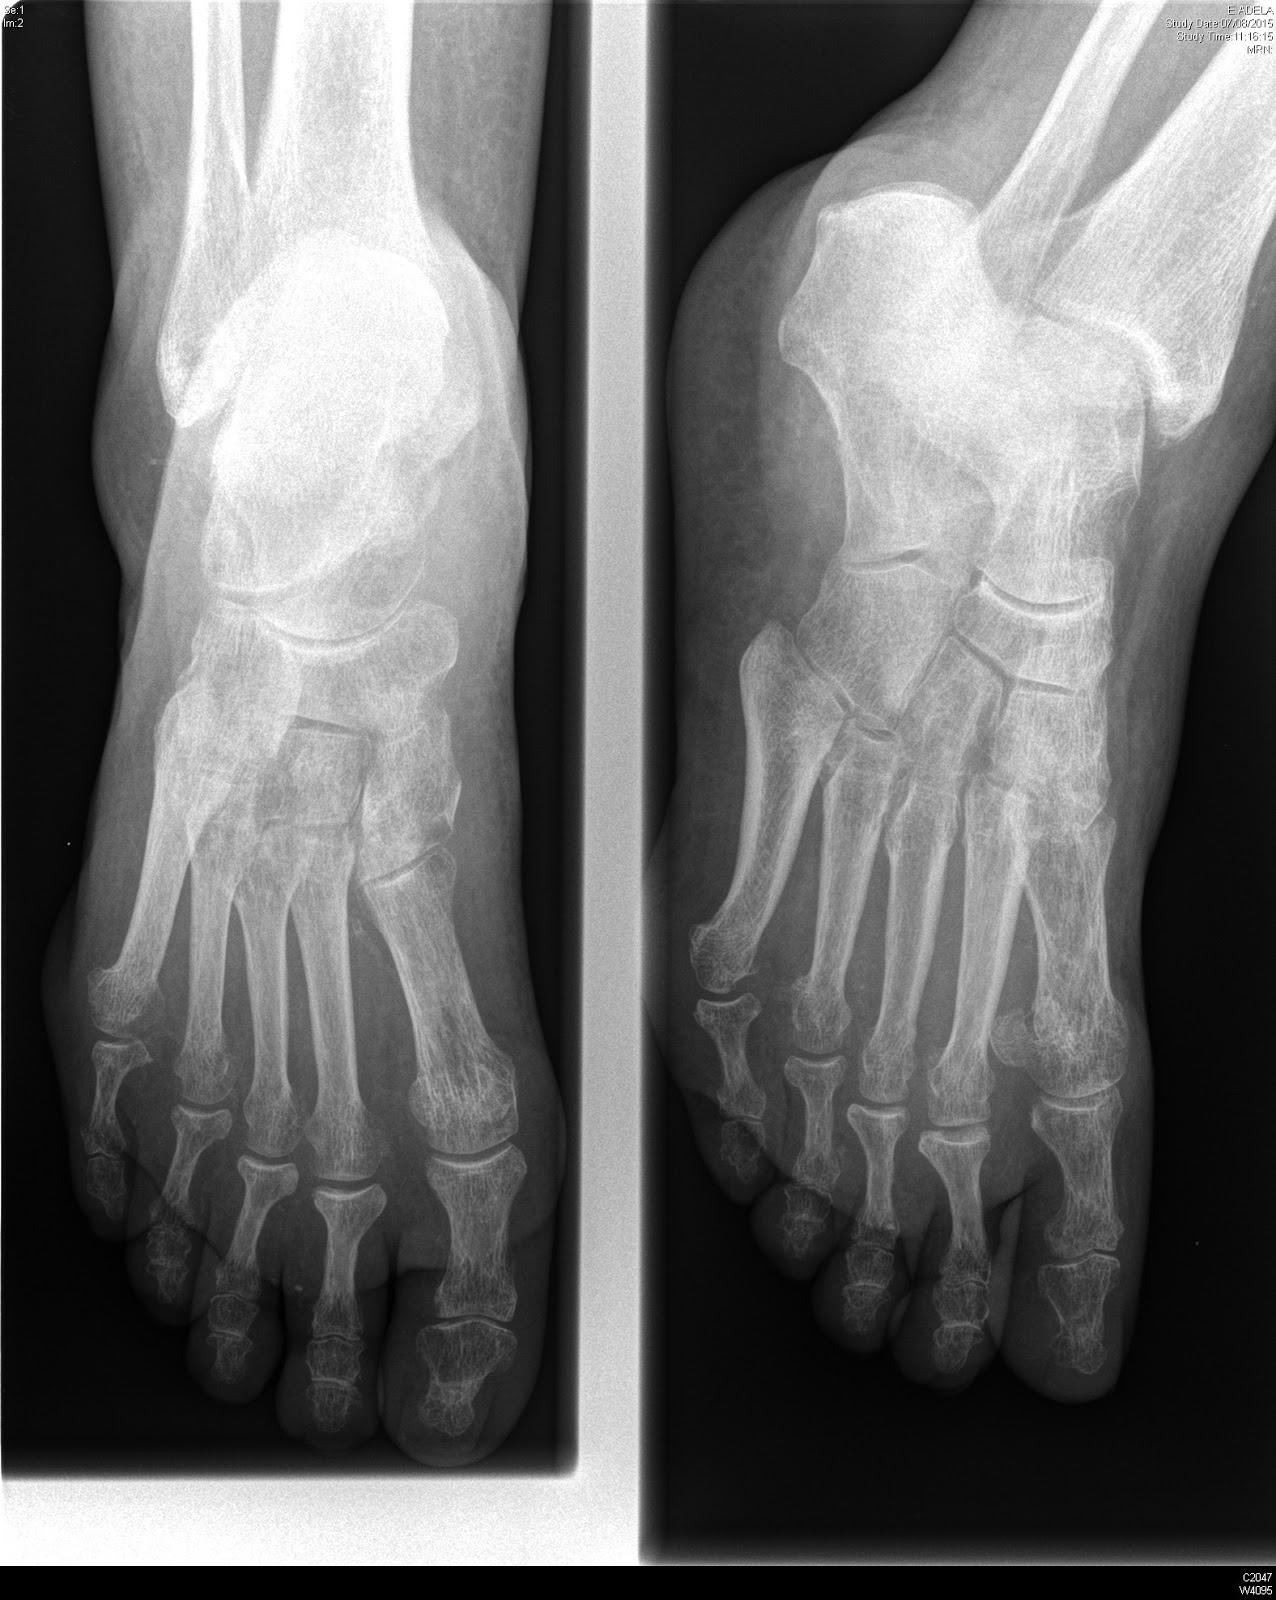 Tecnicos Radiologos: Pie diabético: hallazgos en Diagnóstico por ...